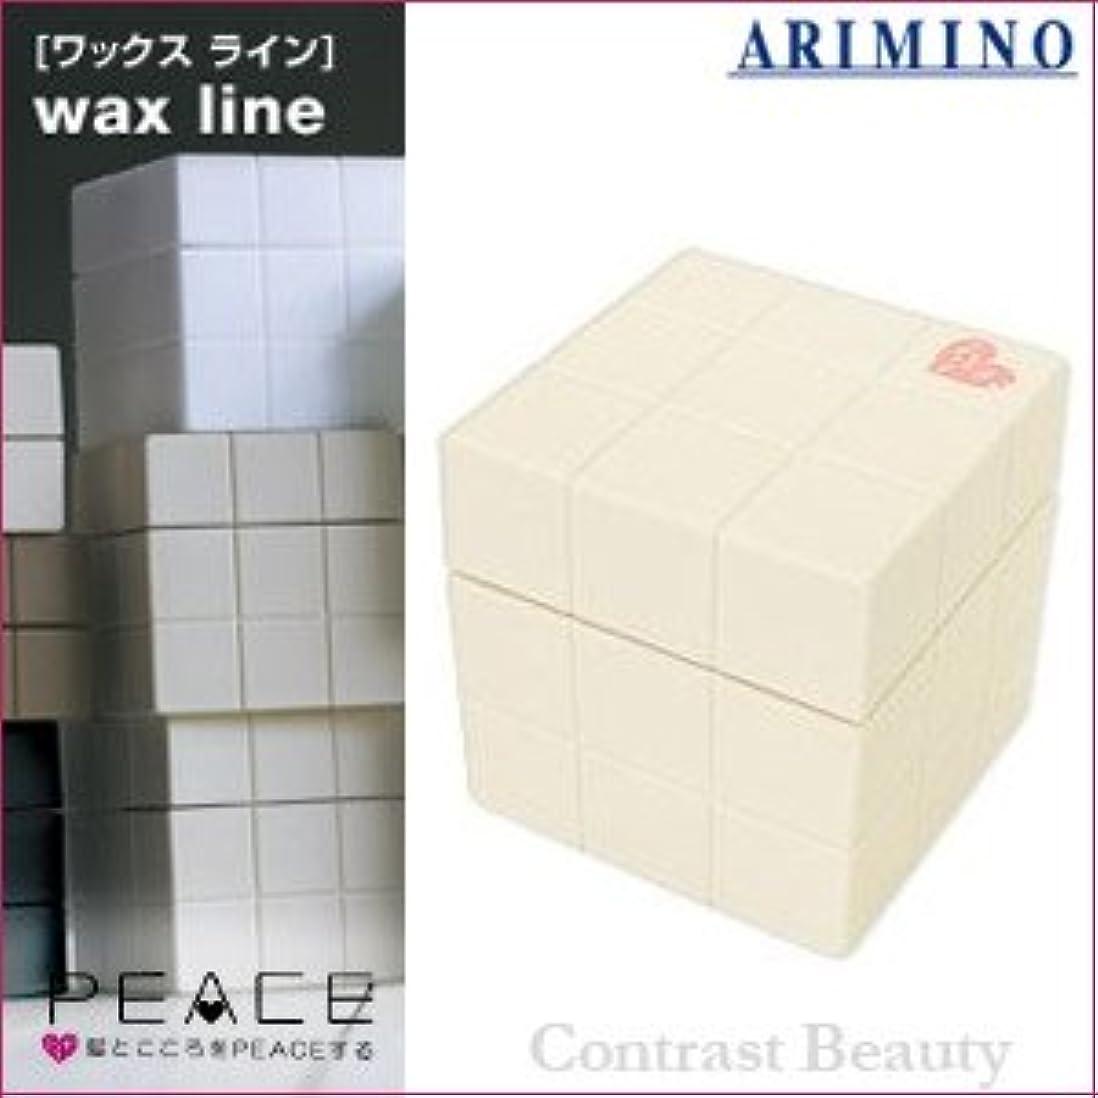 促進する上げる正しく【x2個セット】 アリミノ ピース プロデザインシリーズ ニュアンスワックス バニラ 80g